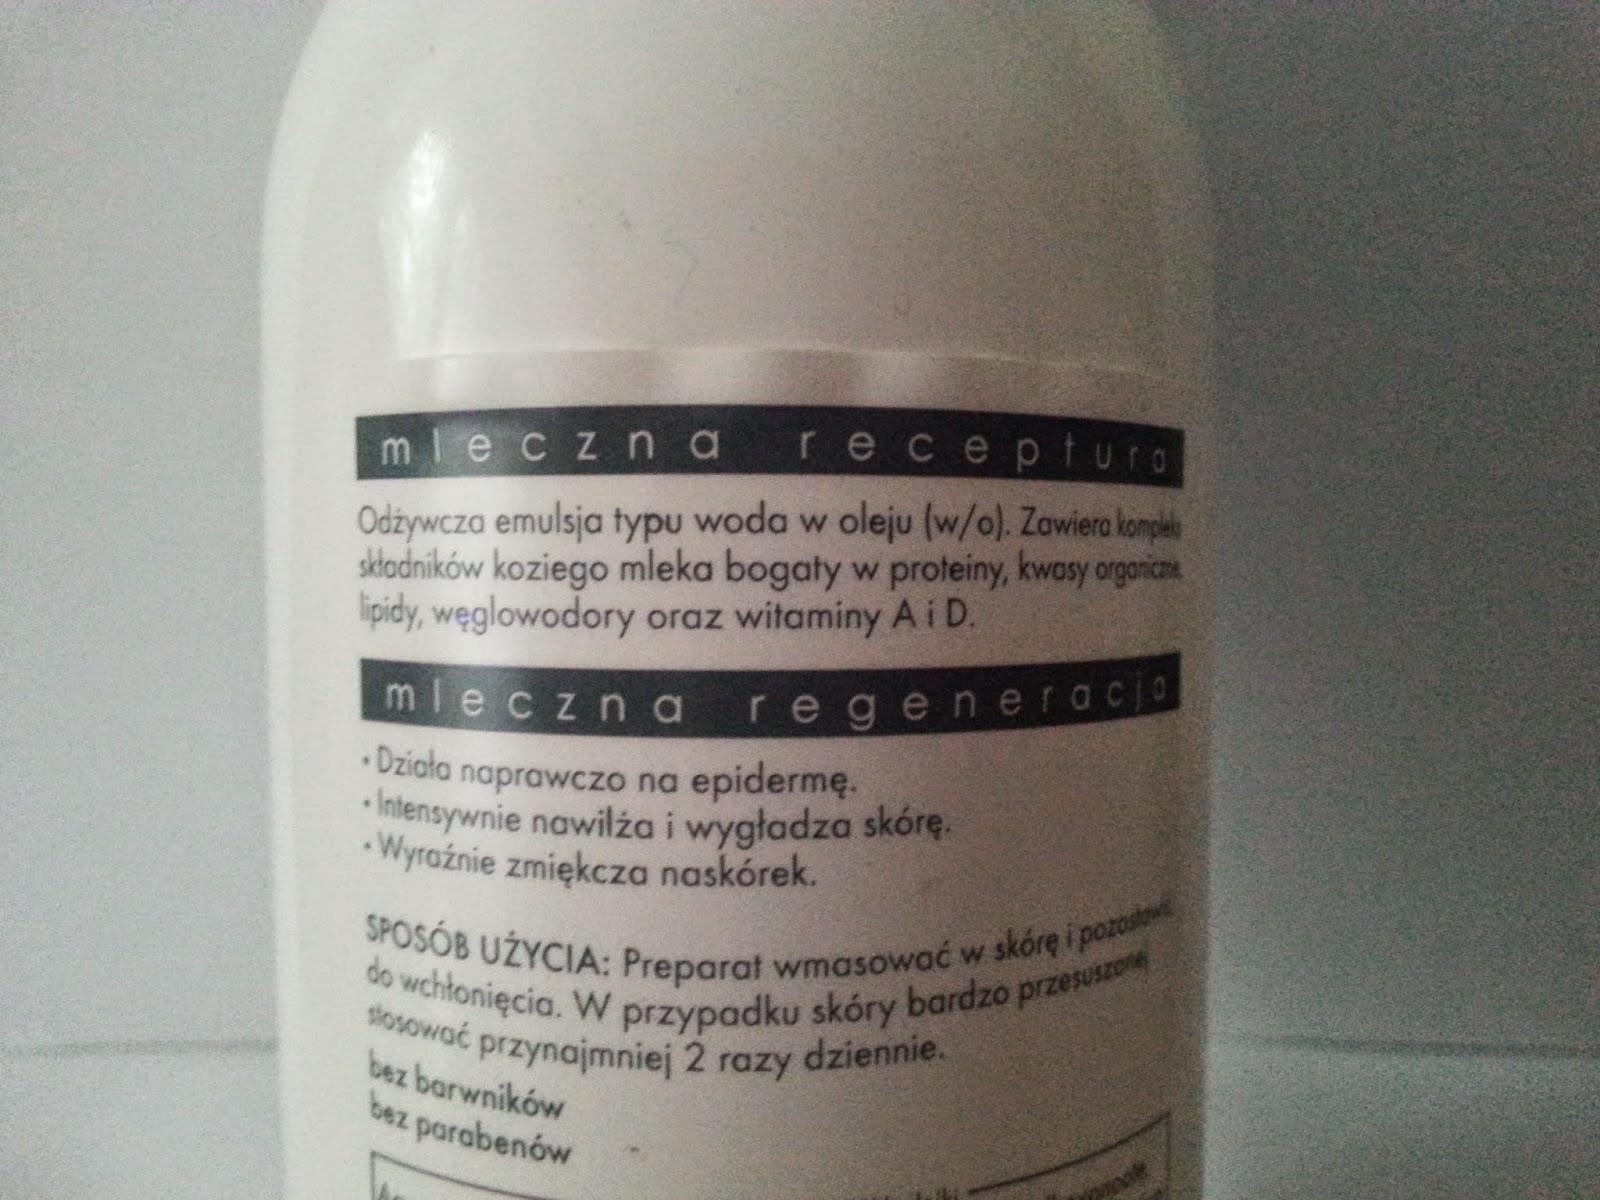 Ziaja Kozie Mleko - mleczna regeneracja